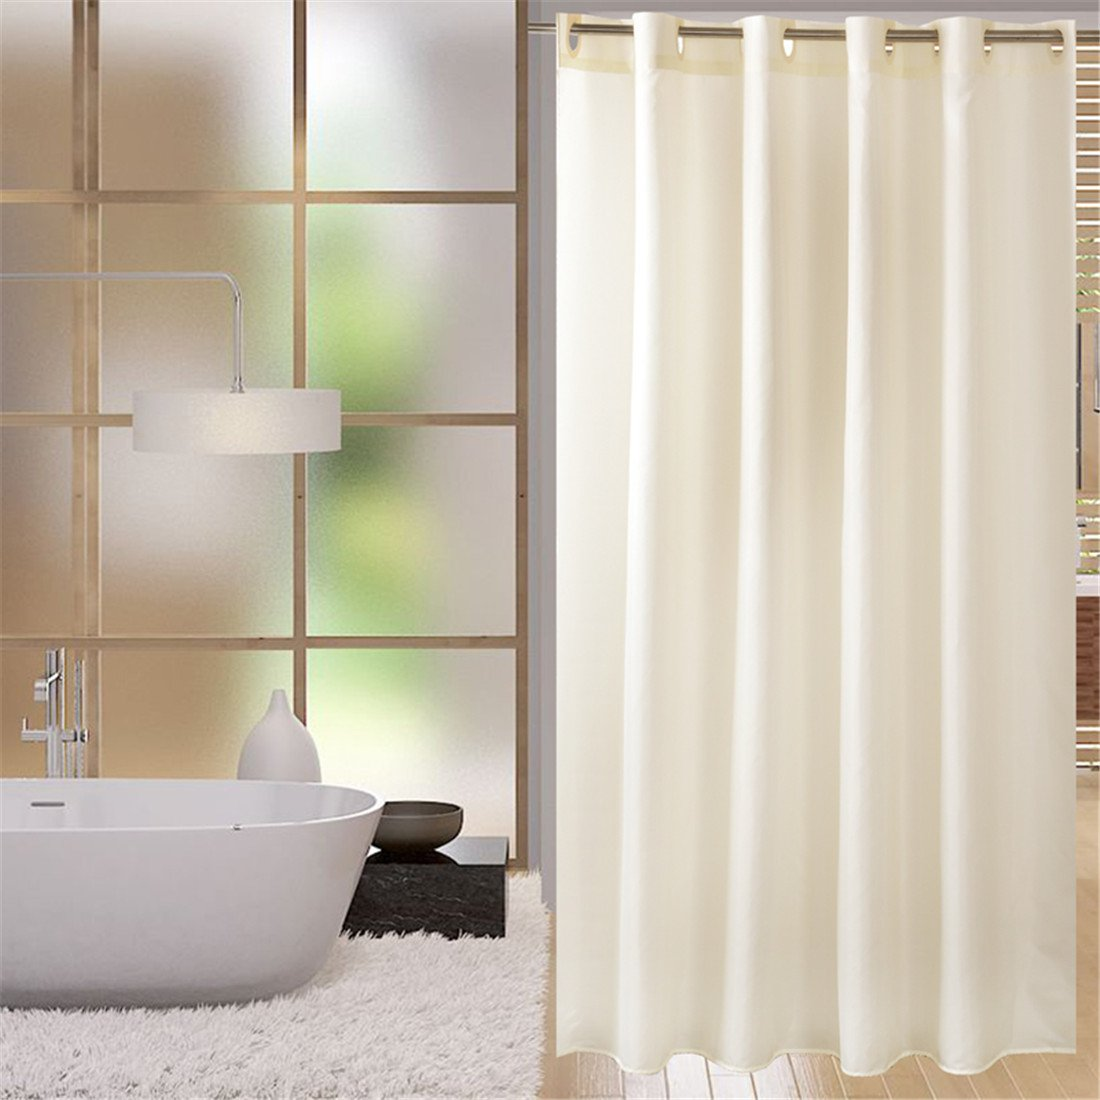 LUCKYHOUSEHOME beige Polyester, wasserdicht und antibakteriell Thickening Badezimmer Duschvorhang Hookless Duschvorhang, Polyester, beige, Wide x Height 94 x 78 inch (240 x 200 cm) B07CNNYZVL Duschvorhnge